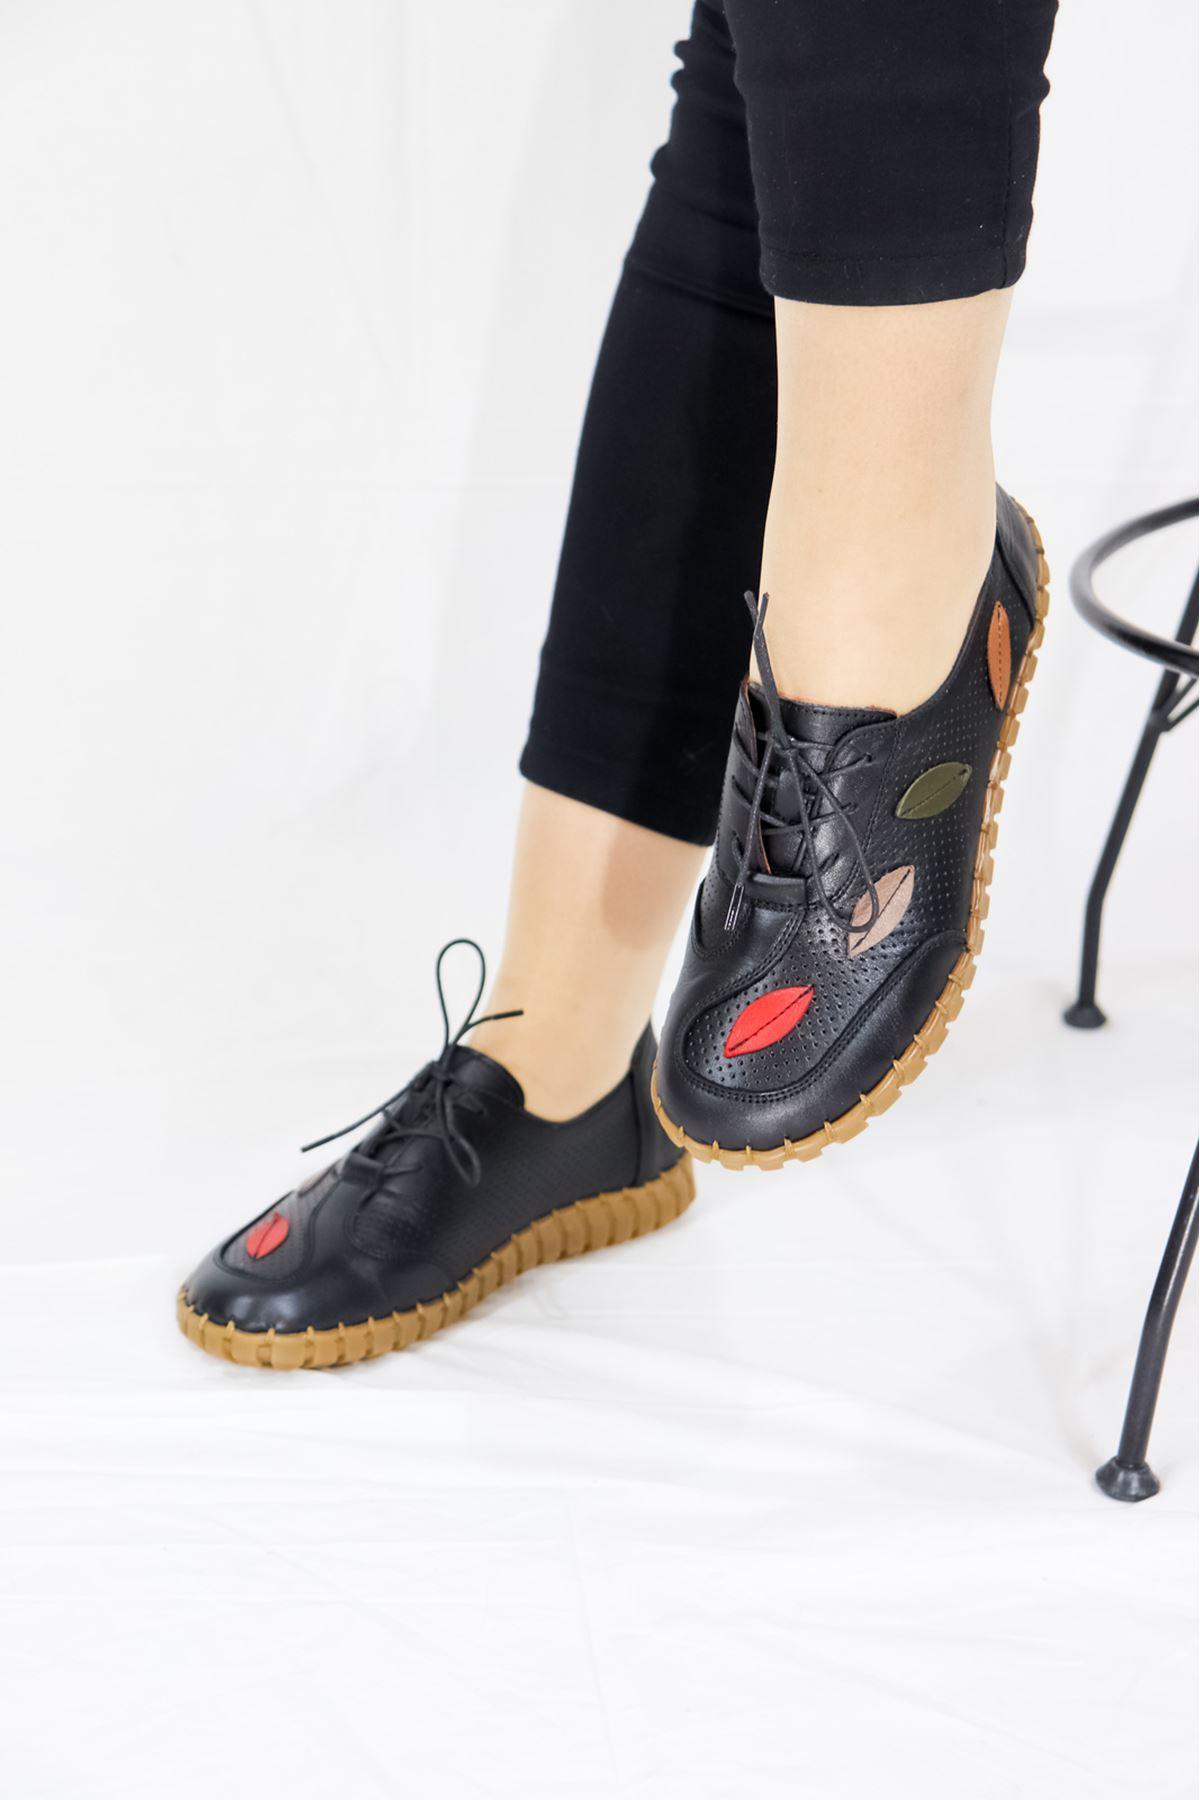 Venüs - 2110709Y Siyah Bağcıklı Kadın Ayakkabısı